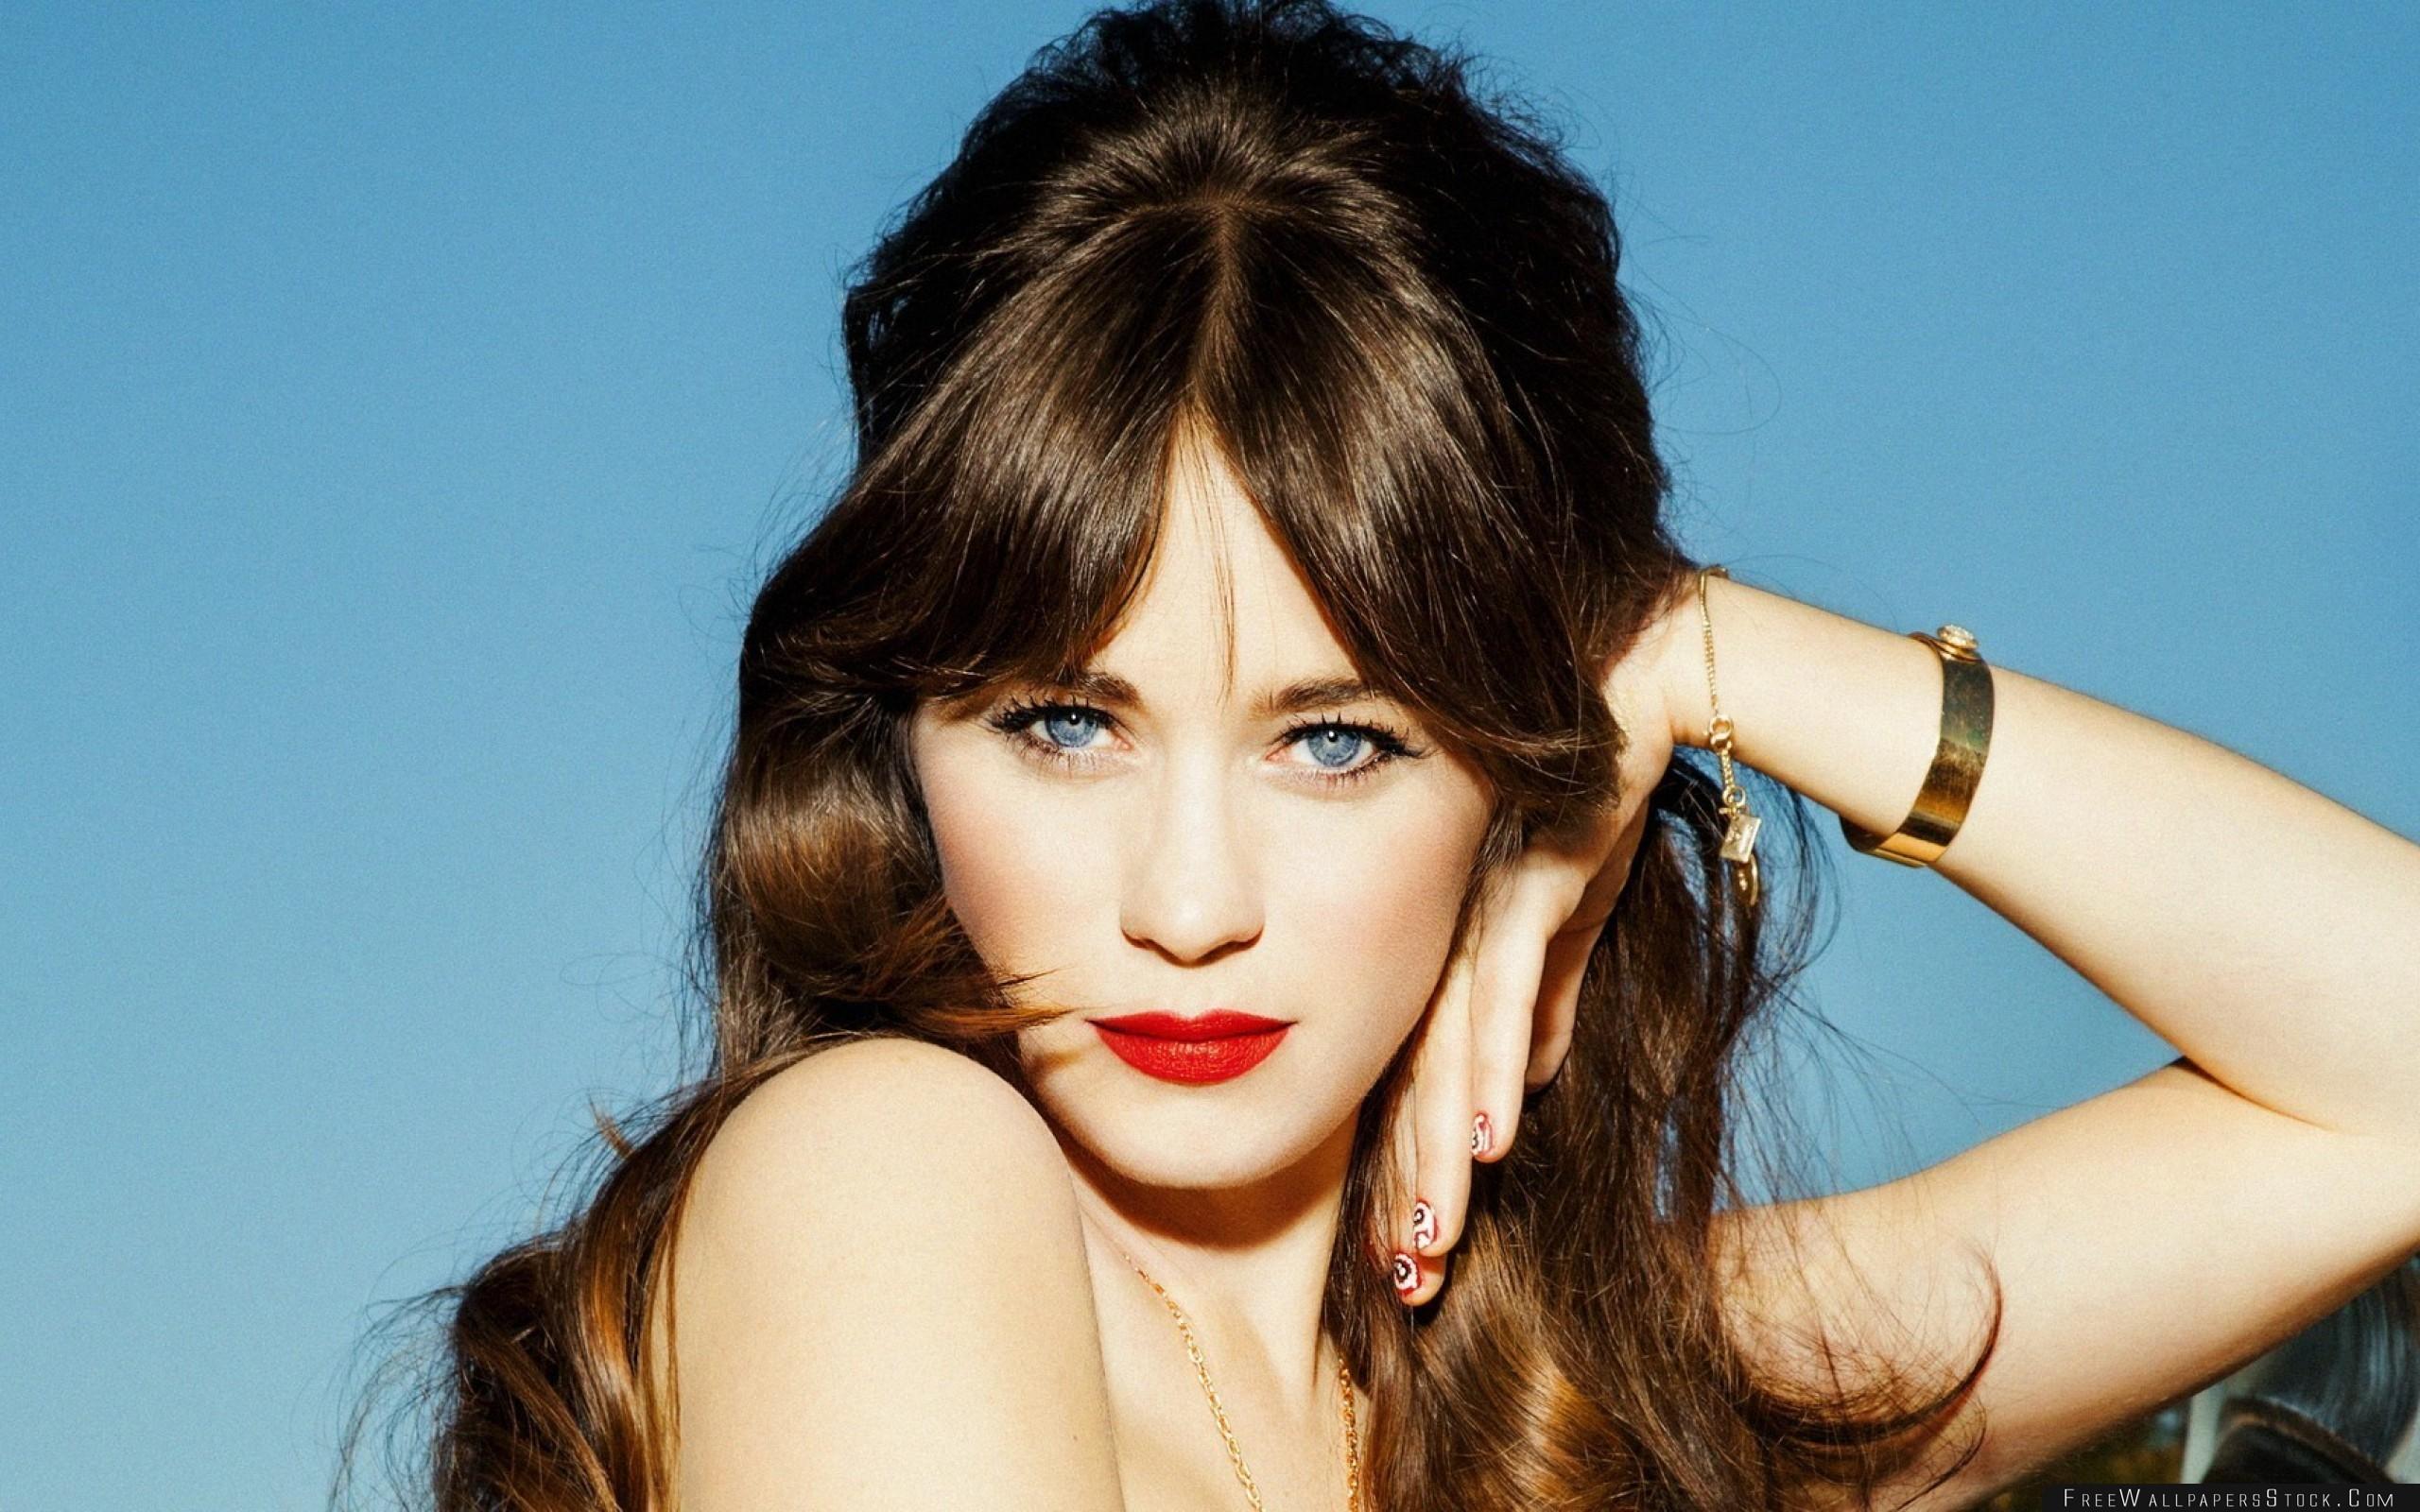 Download Free Wallpaper Zooey Deschanel Actress Celebrity Makeup